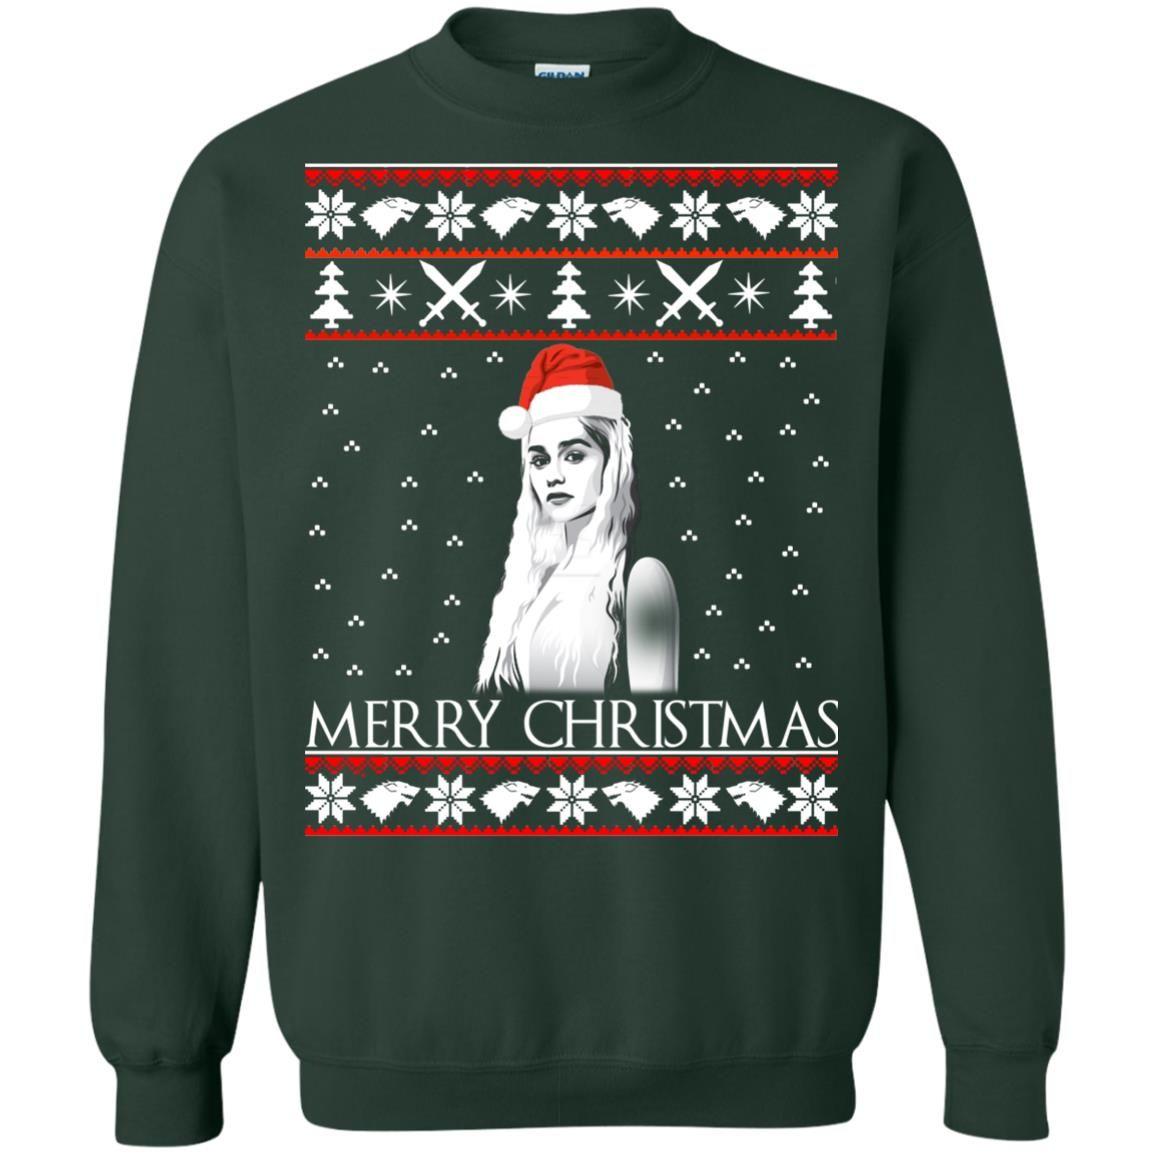 image 847 - Daenerys Targaryen: Merry Christmas ugly Sweatshirt, hoodie